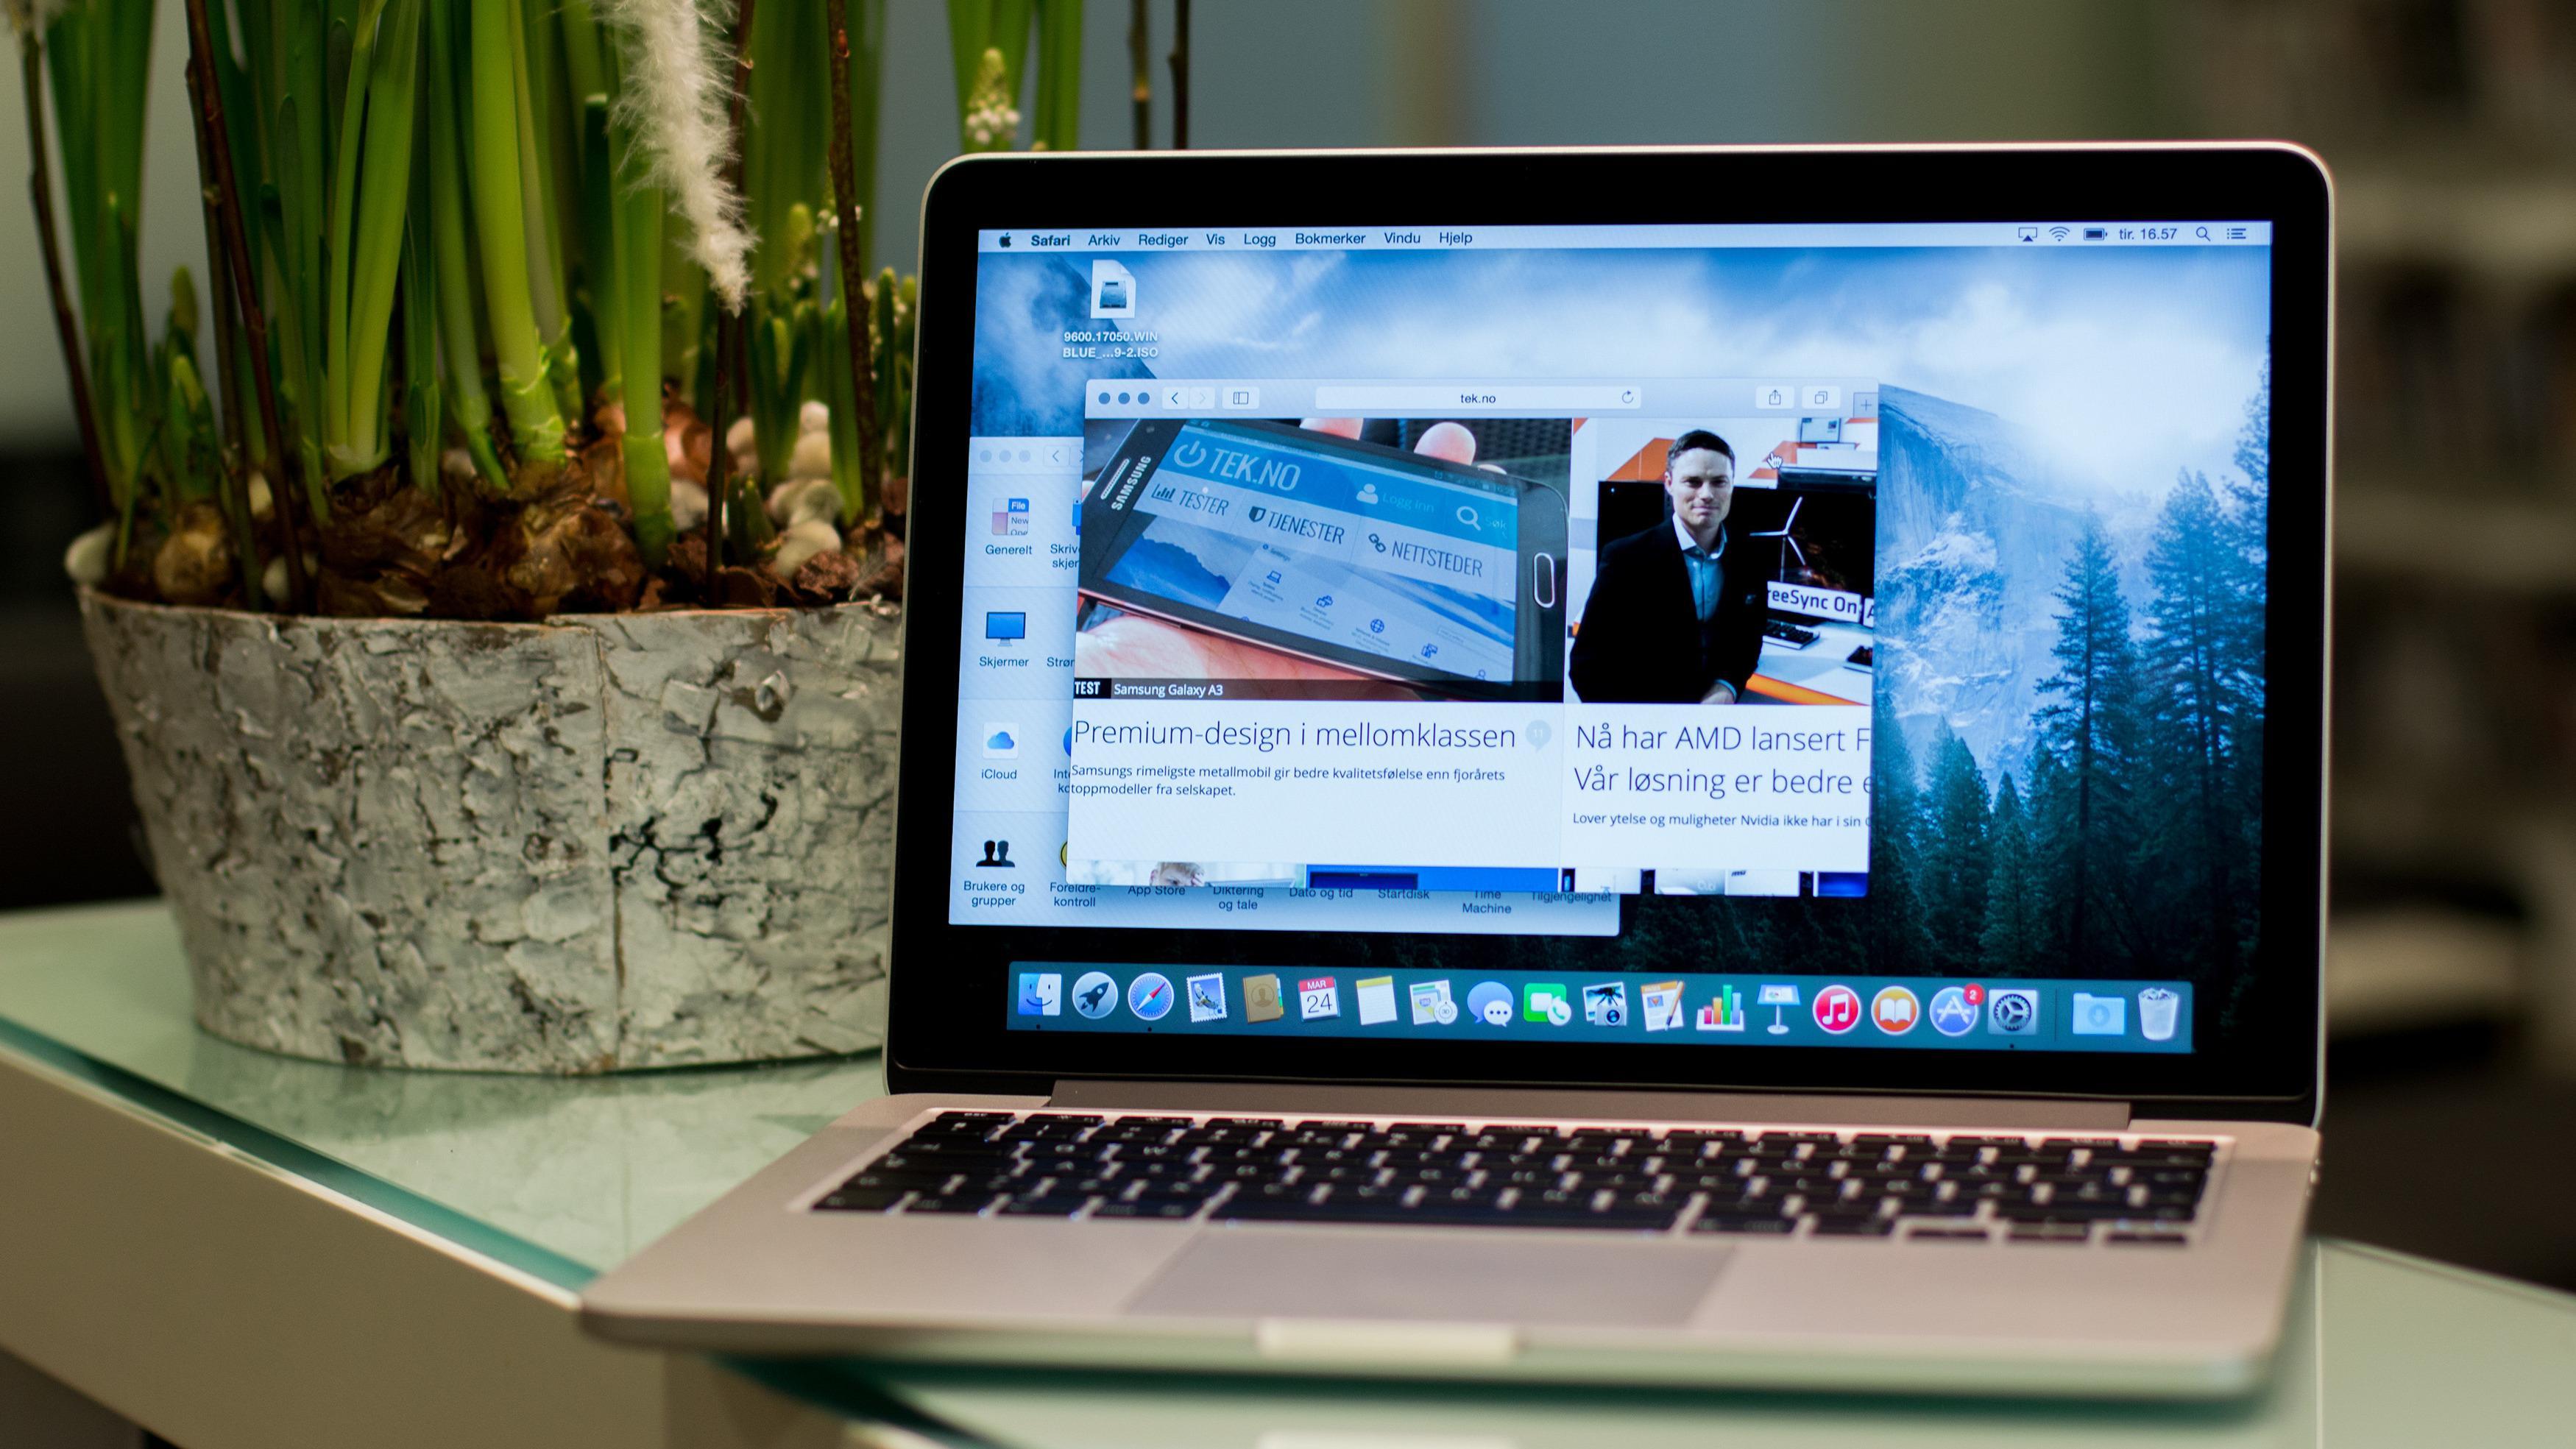 Neste MacBook vil muligens ha mobildata innebygd